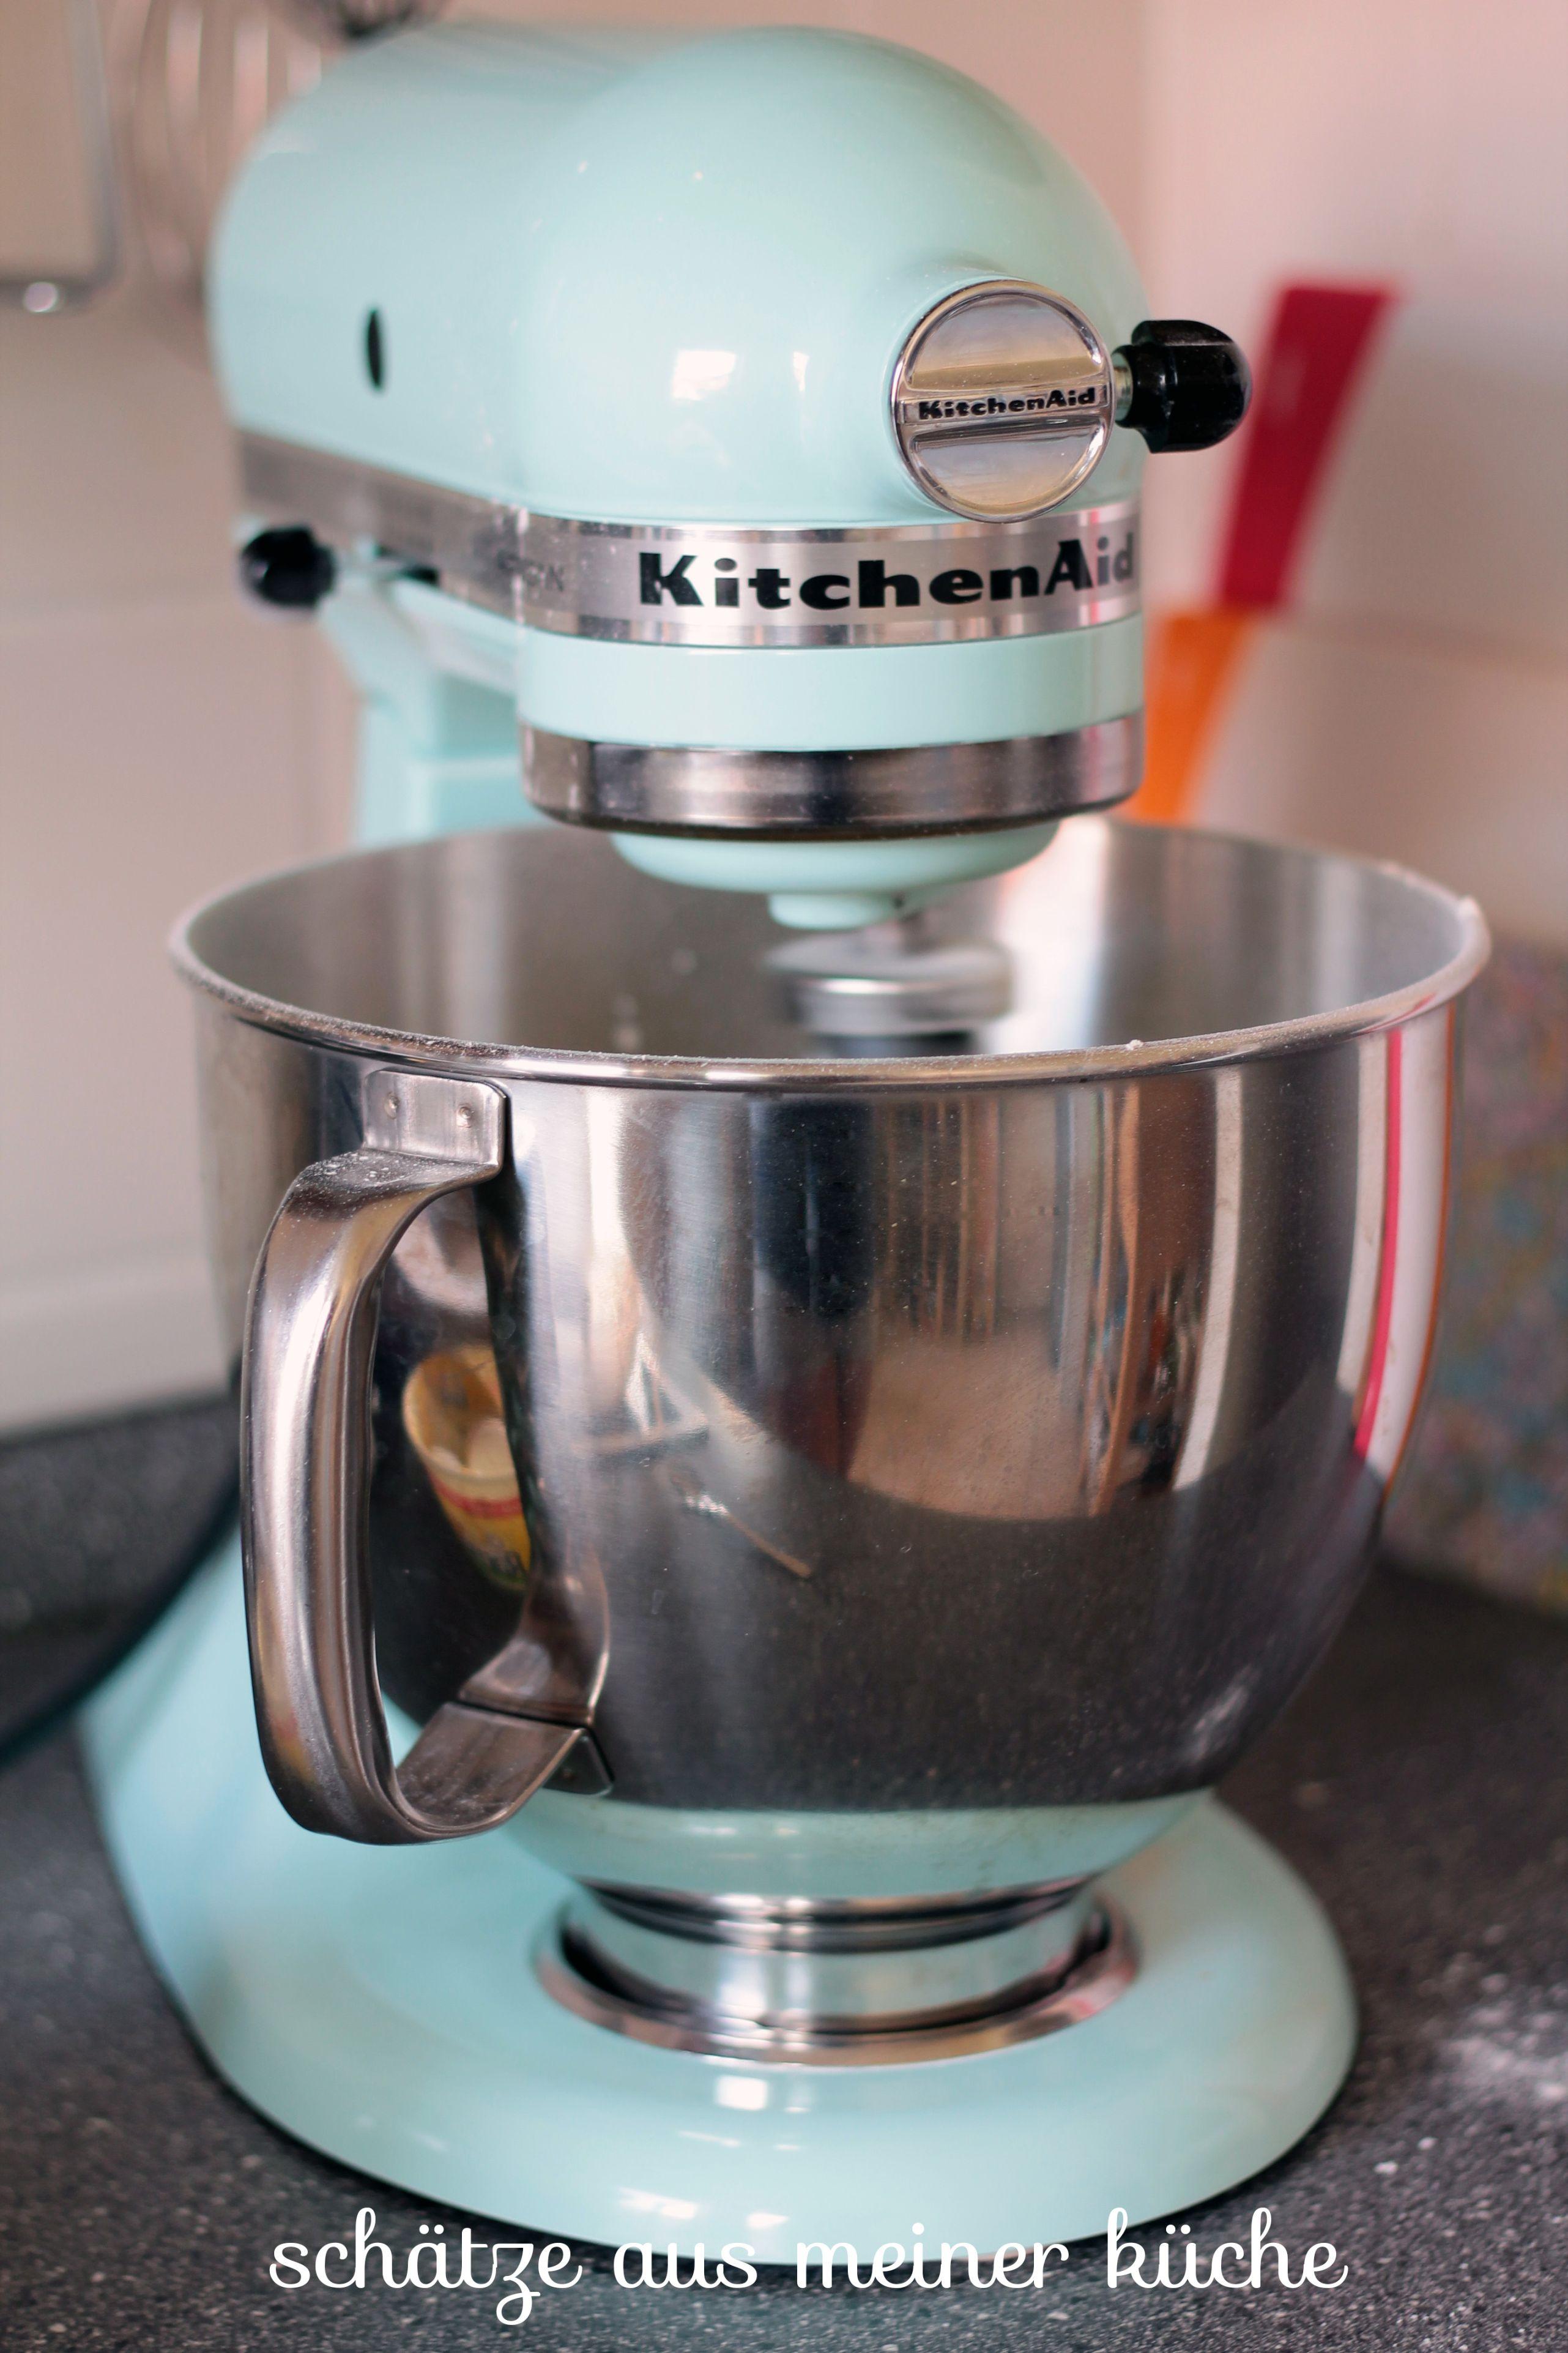 KitchenAid Eisblau Schätze aus meiner Küche